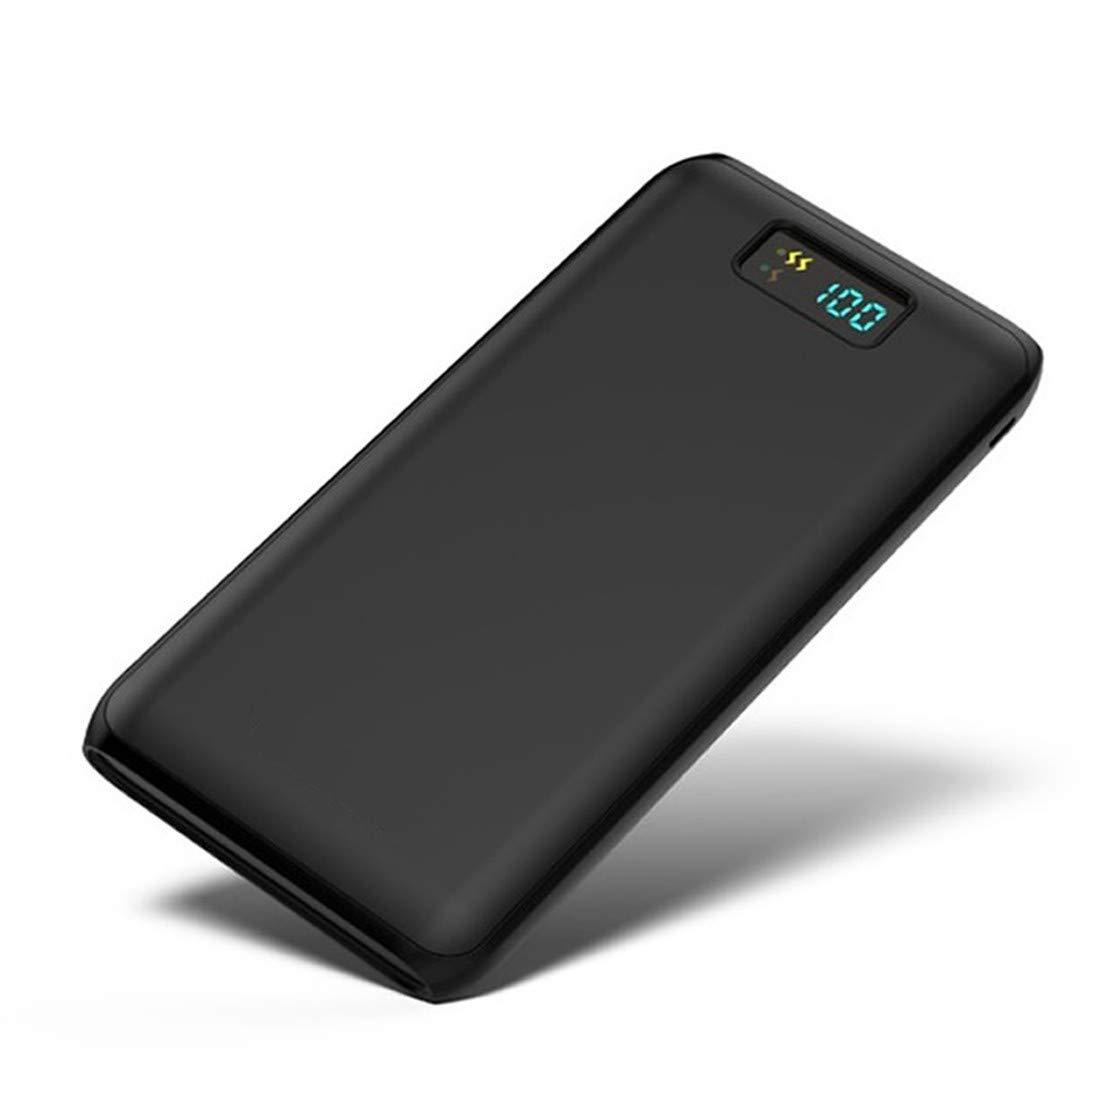 Amazon.com: GYTOO Power Bank 10000mAh Cargador de Teléfono ...